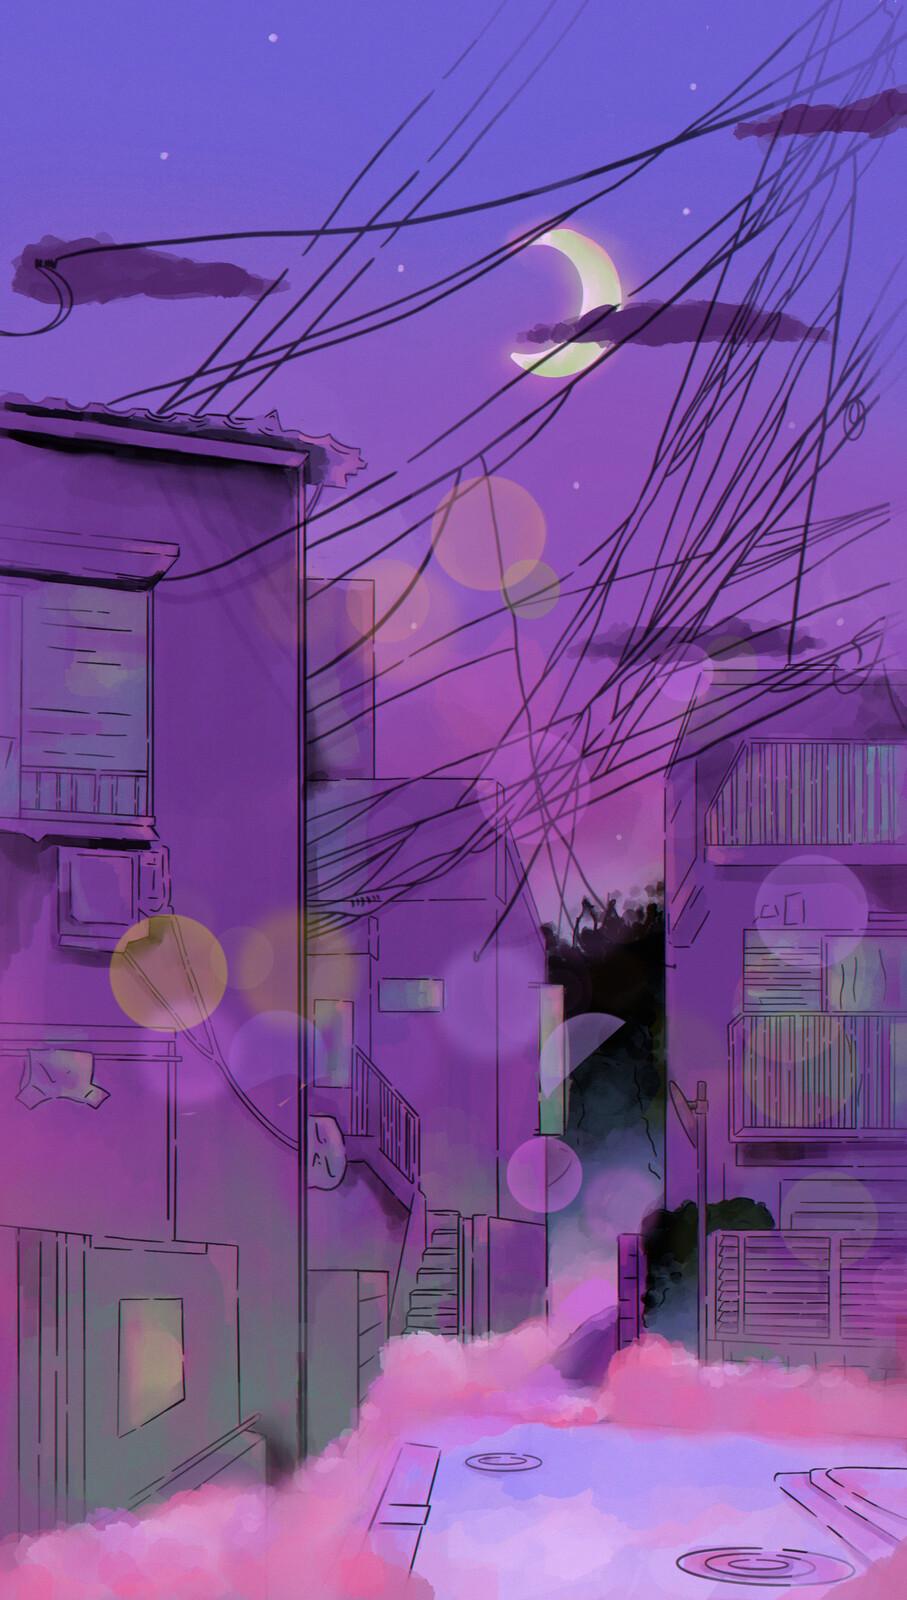 Concept Art - Street